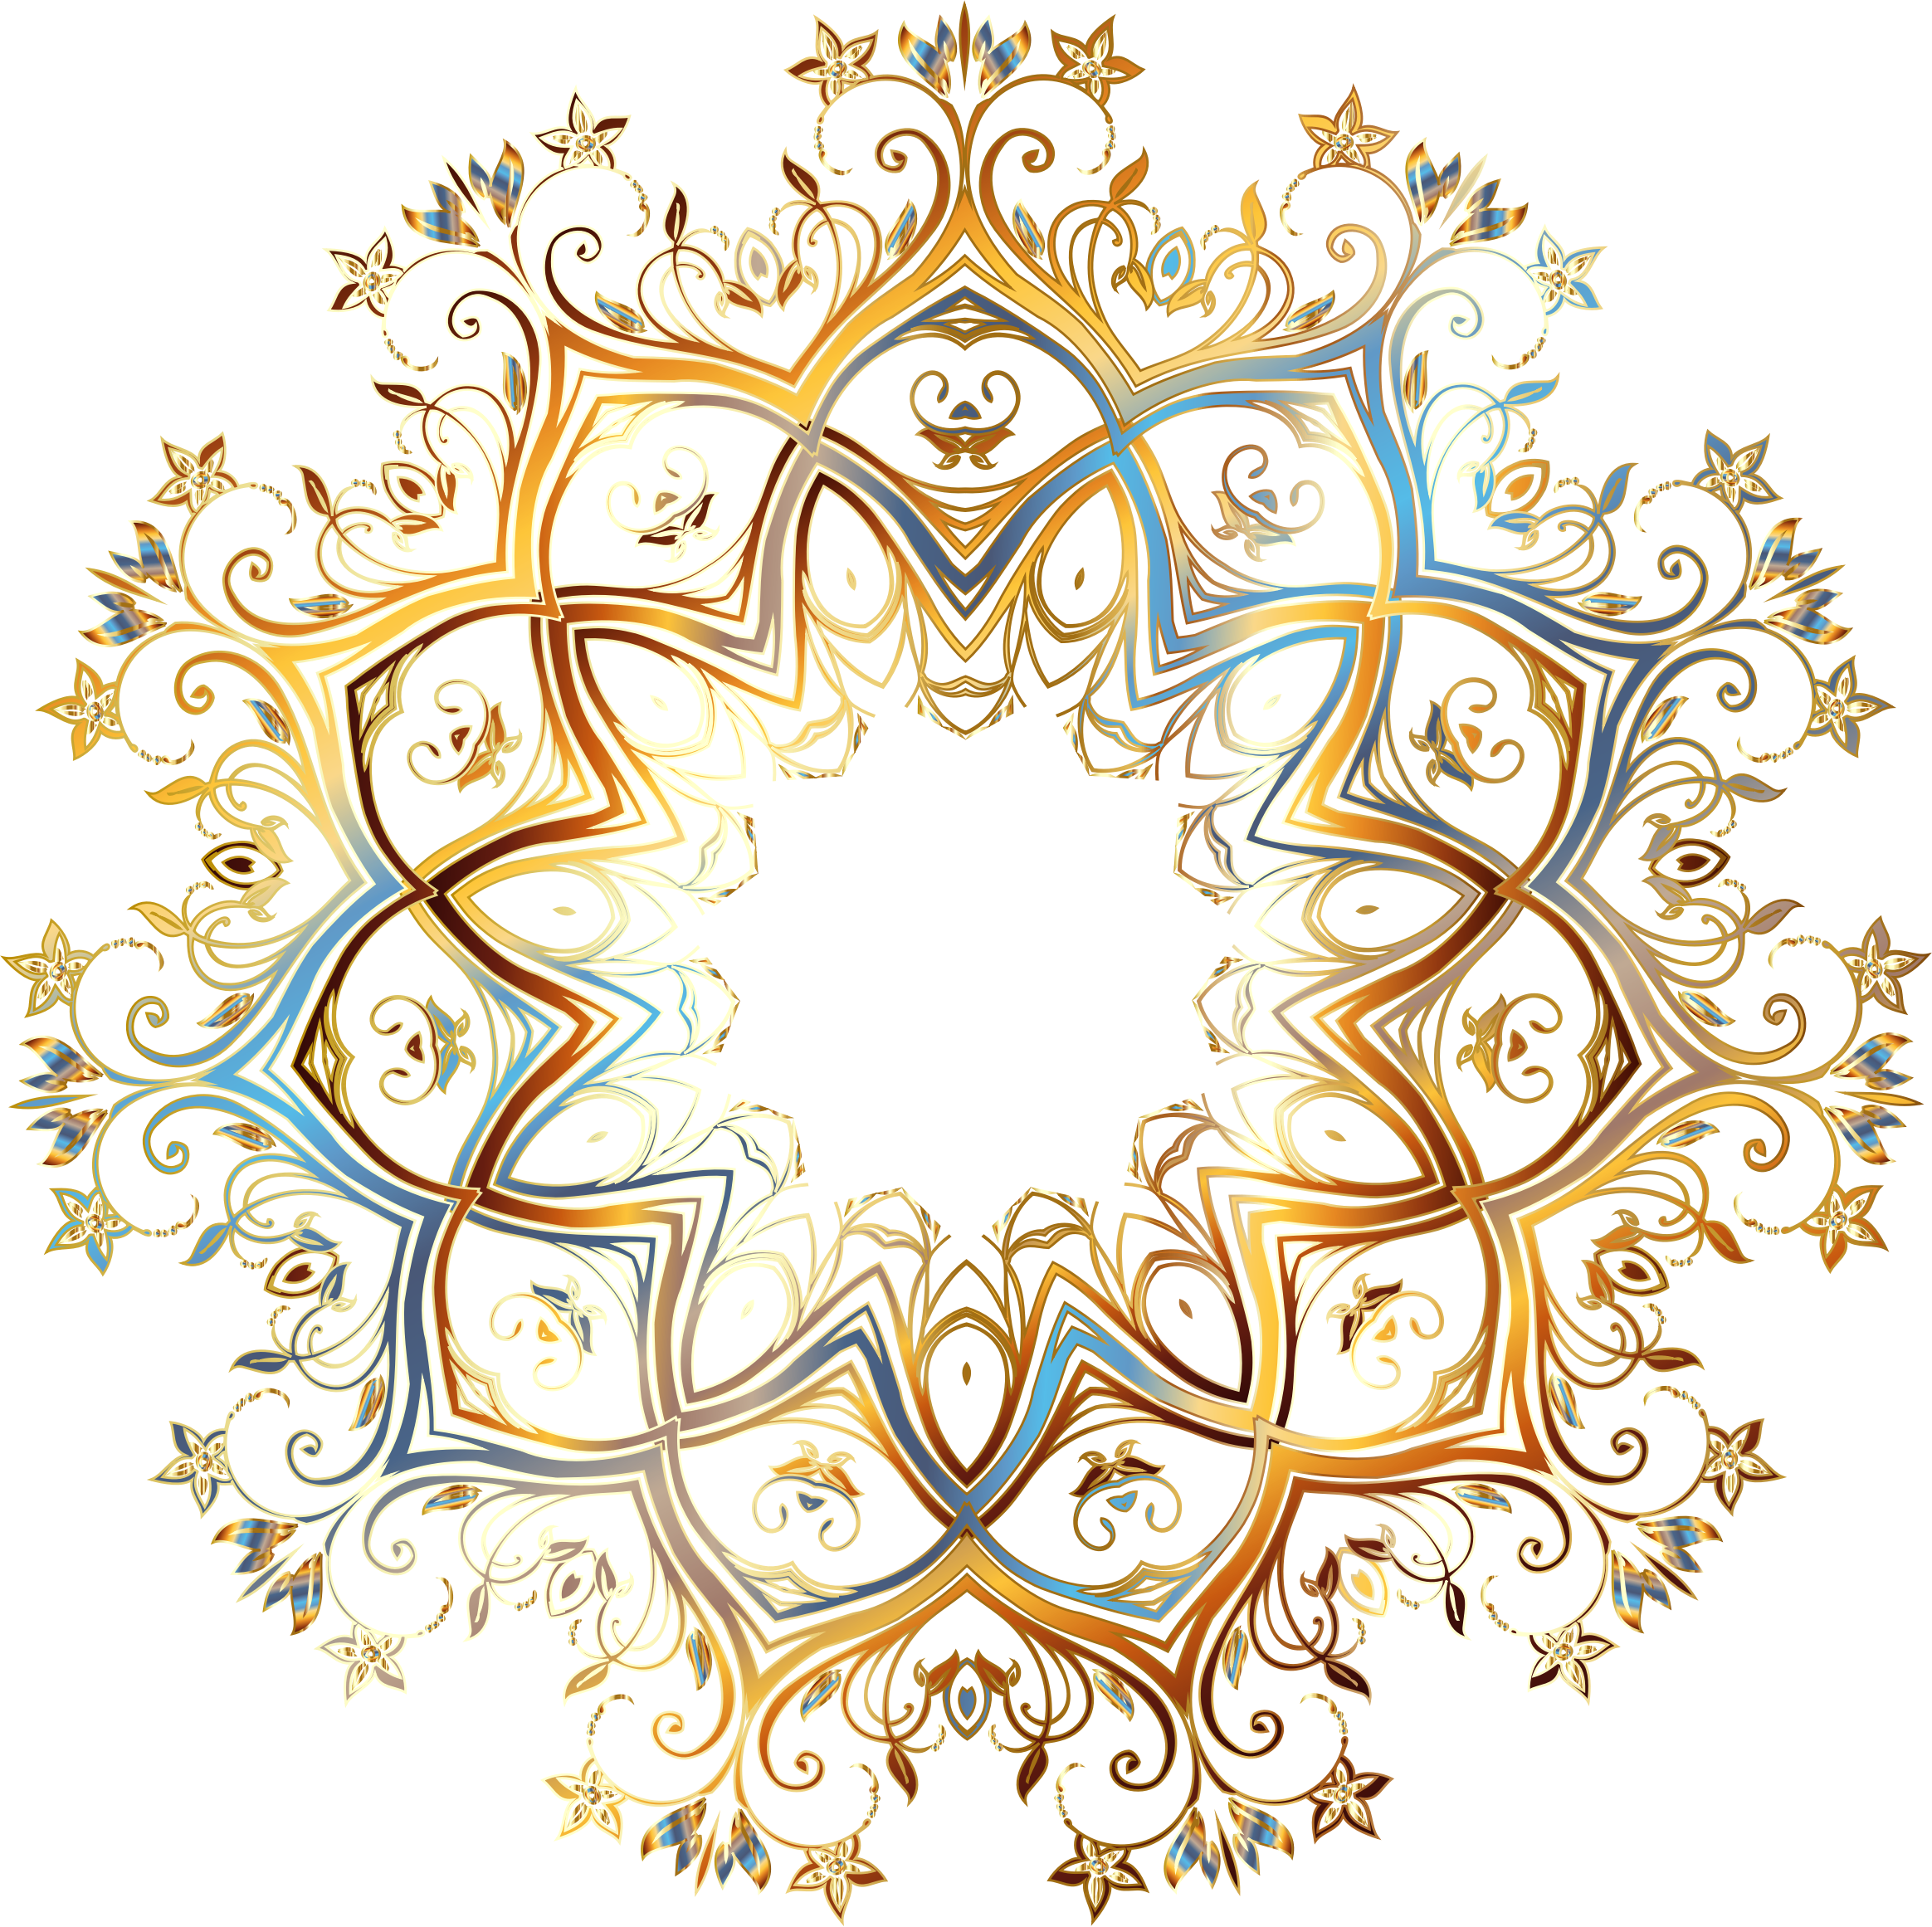 Flourishes clipart gold. Chromatic flourish ornament no